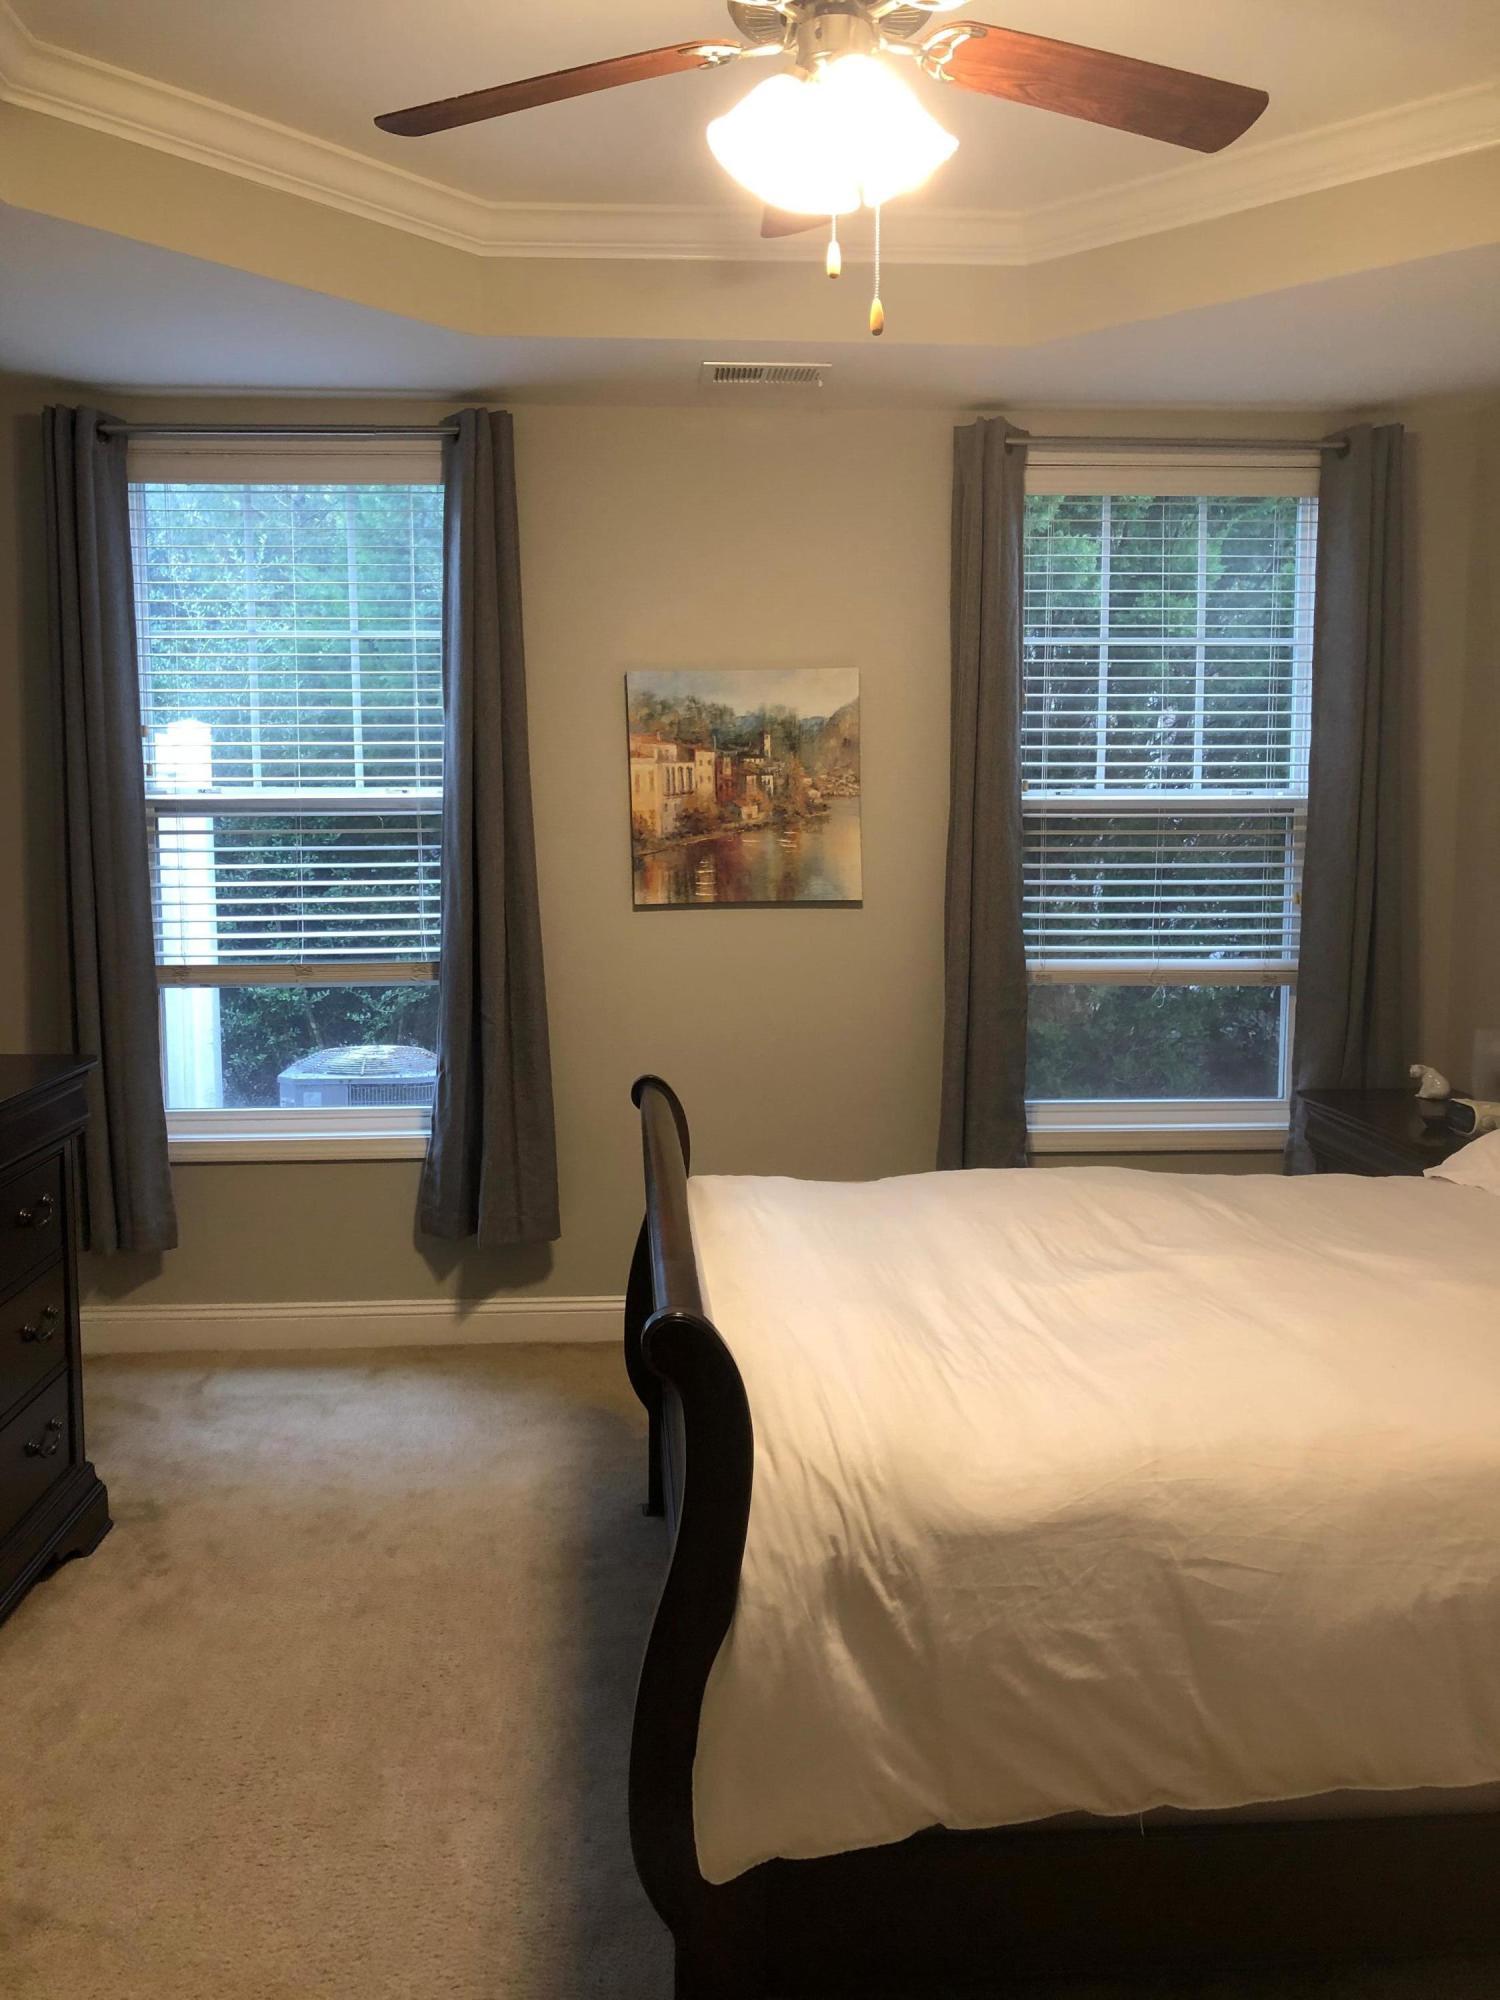 Park West Homes For Sale - 3643 Bagley, Mount Pleasant, SC - 19